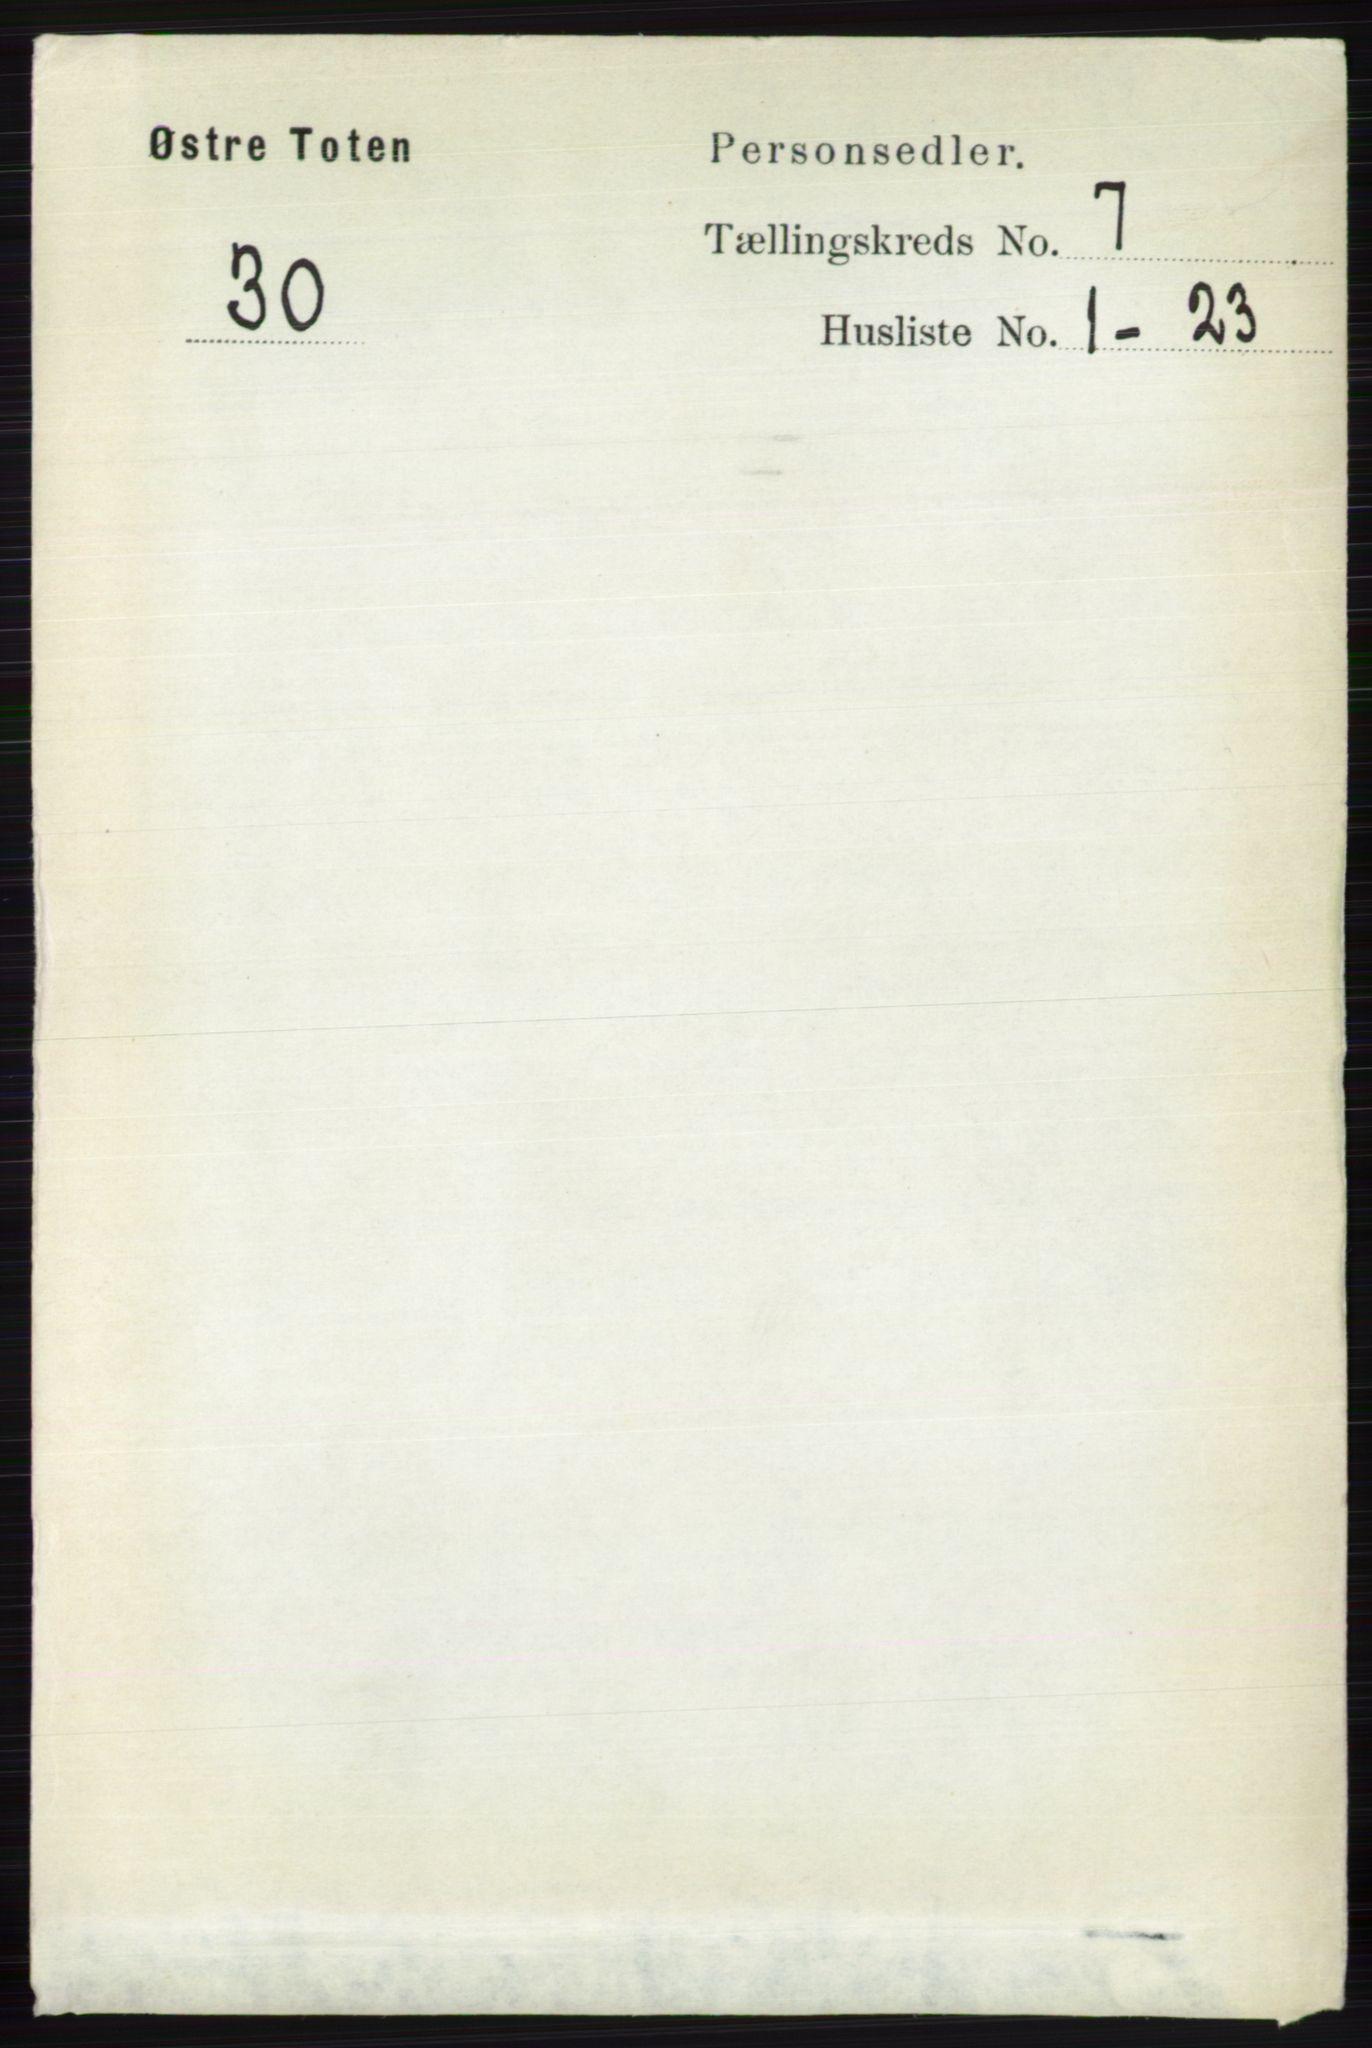 RA, Folketelling 1891 for 0528 Østre Toten herred, 1891, s. 4438